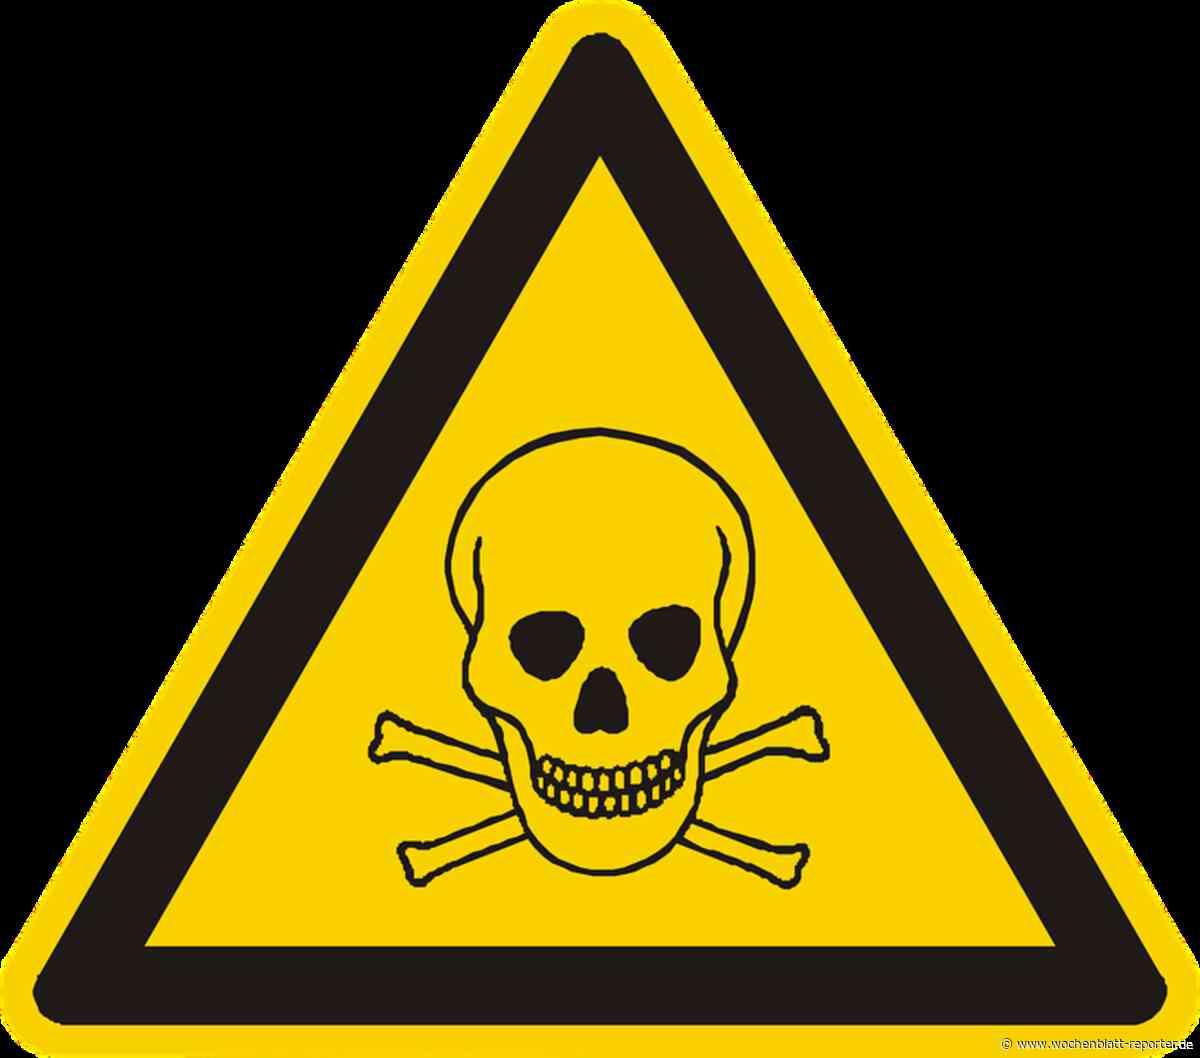 Neueste Informationen:: Gegen gefährliche und giftige Abfälle - Wochenblatt-Reporter